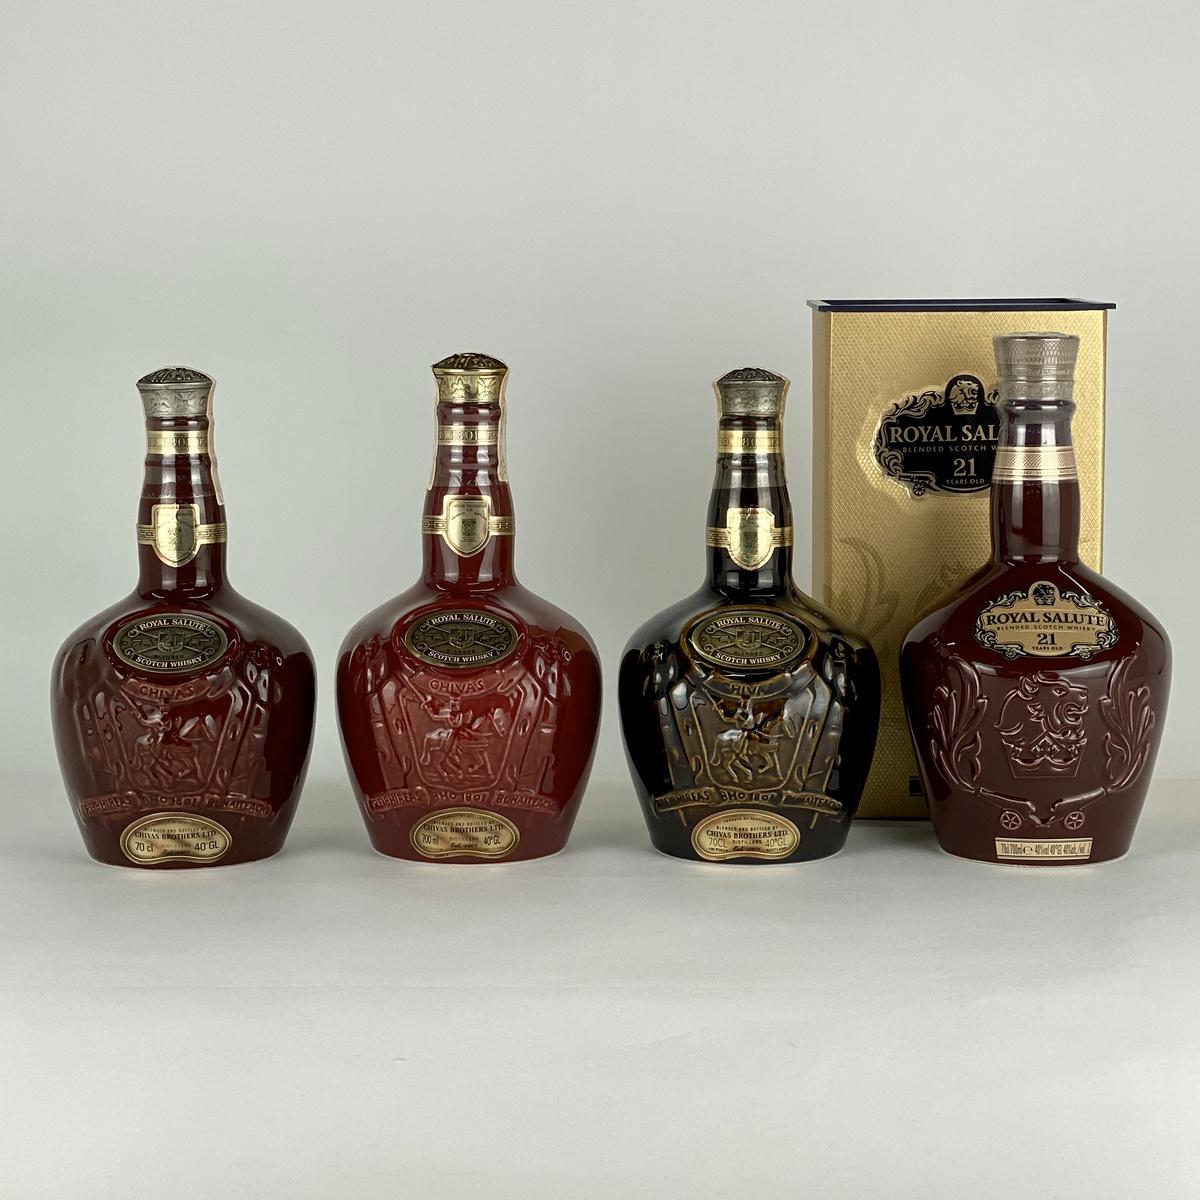 シーバスリーガル CHIVAS REGAL ロイヤルサルート 4本 700ml ウイスキー セット 【古酒】